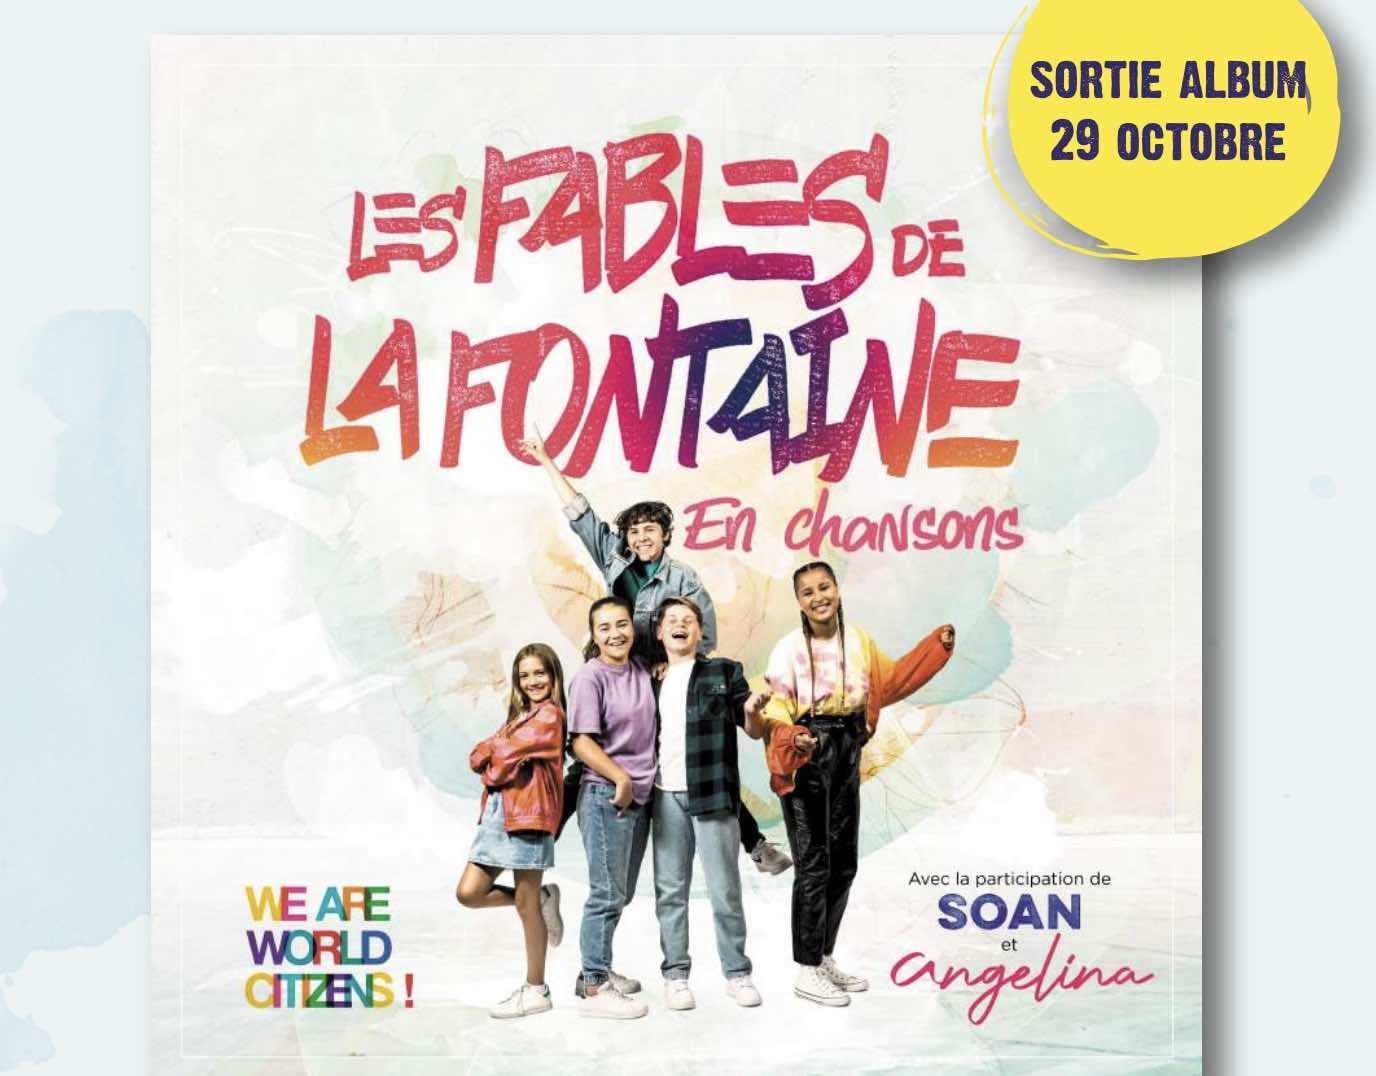 We are world citizens - fable de la fontaine -